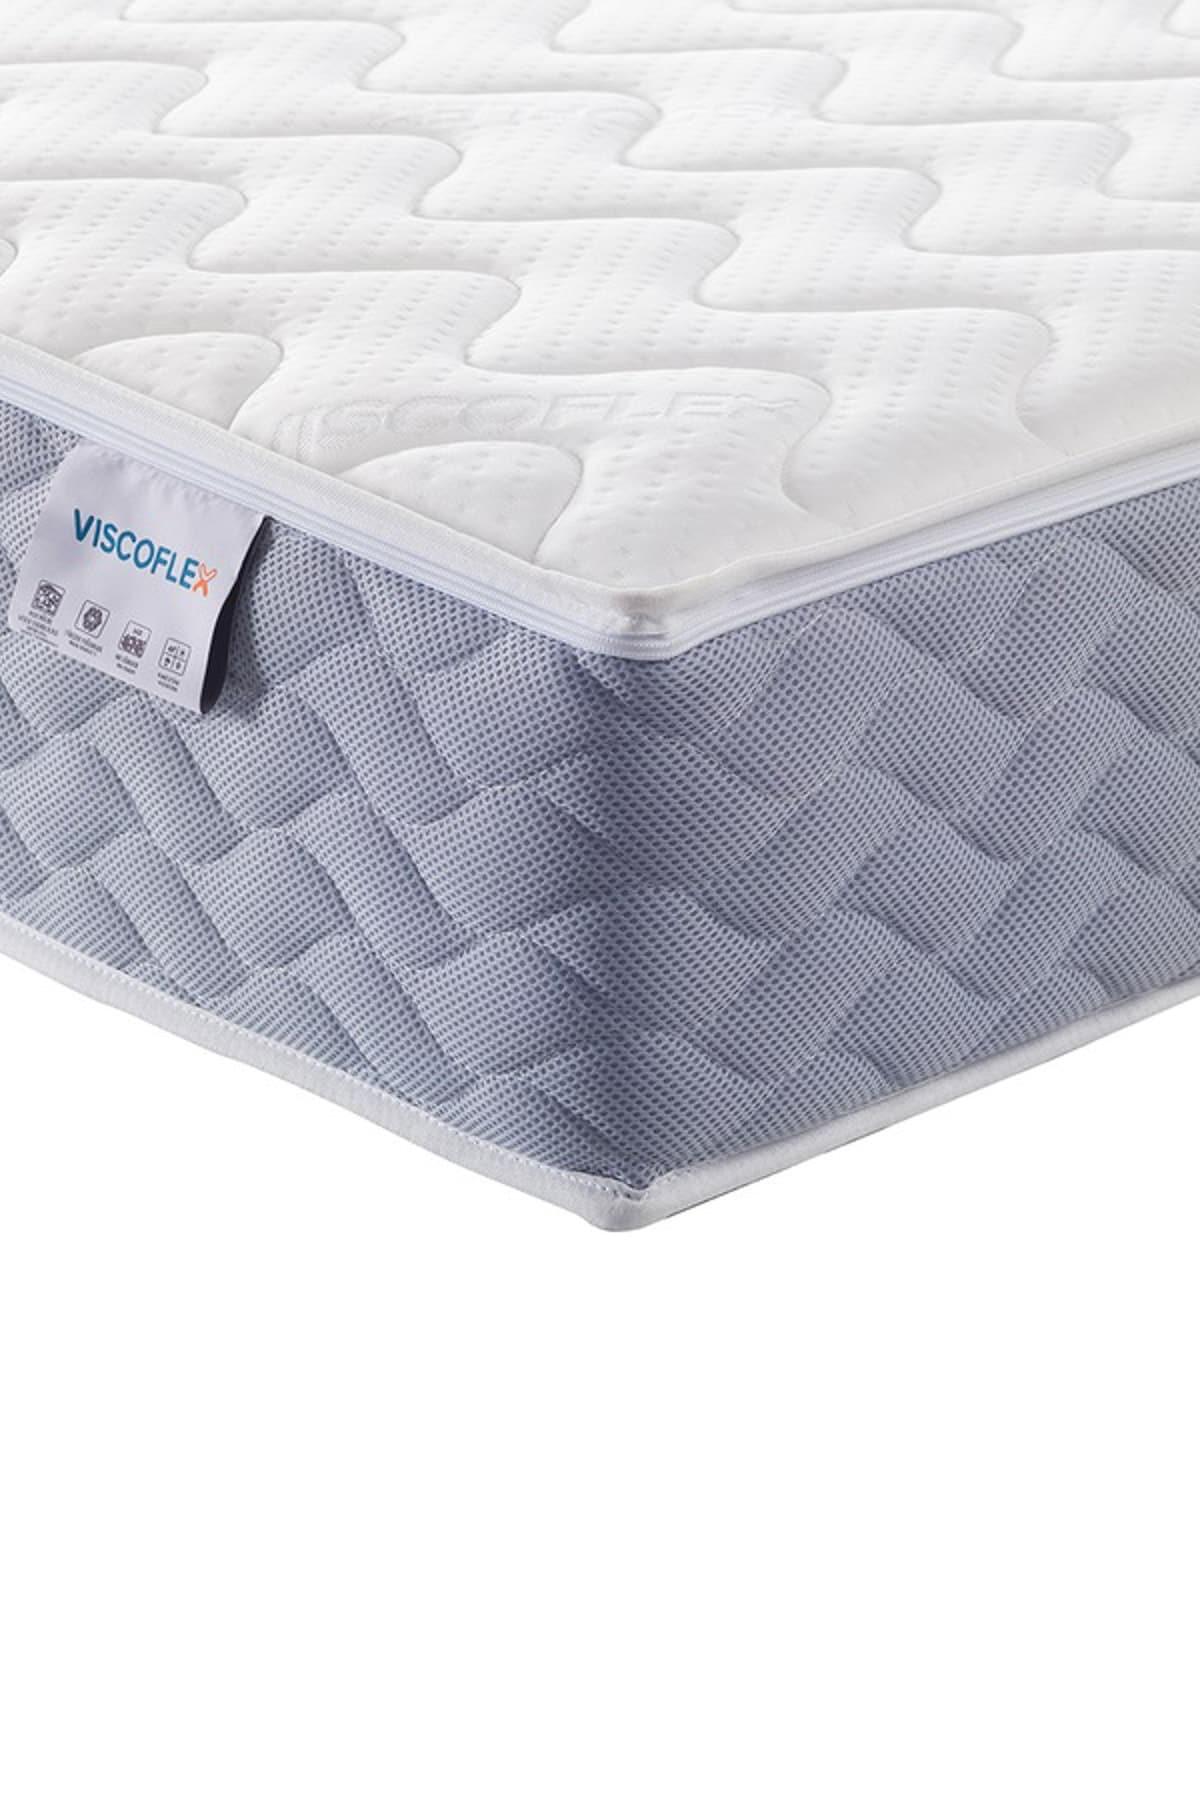 İşbir Yatak Viscoflex 17cm Visco Yatak